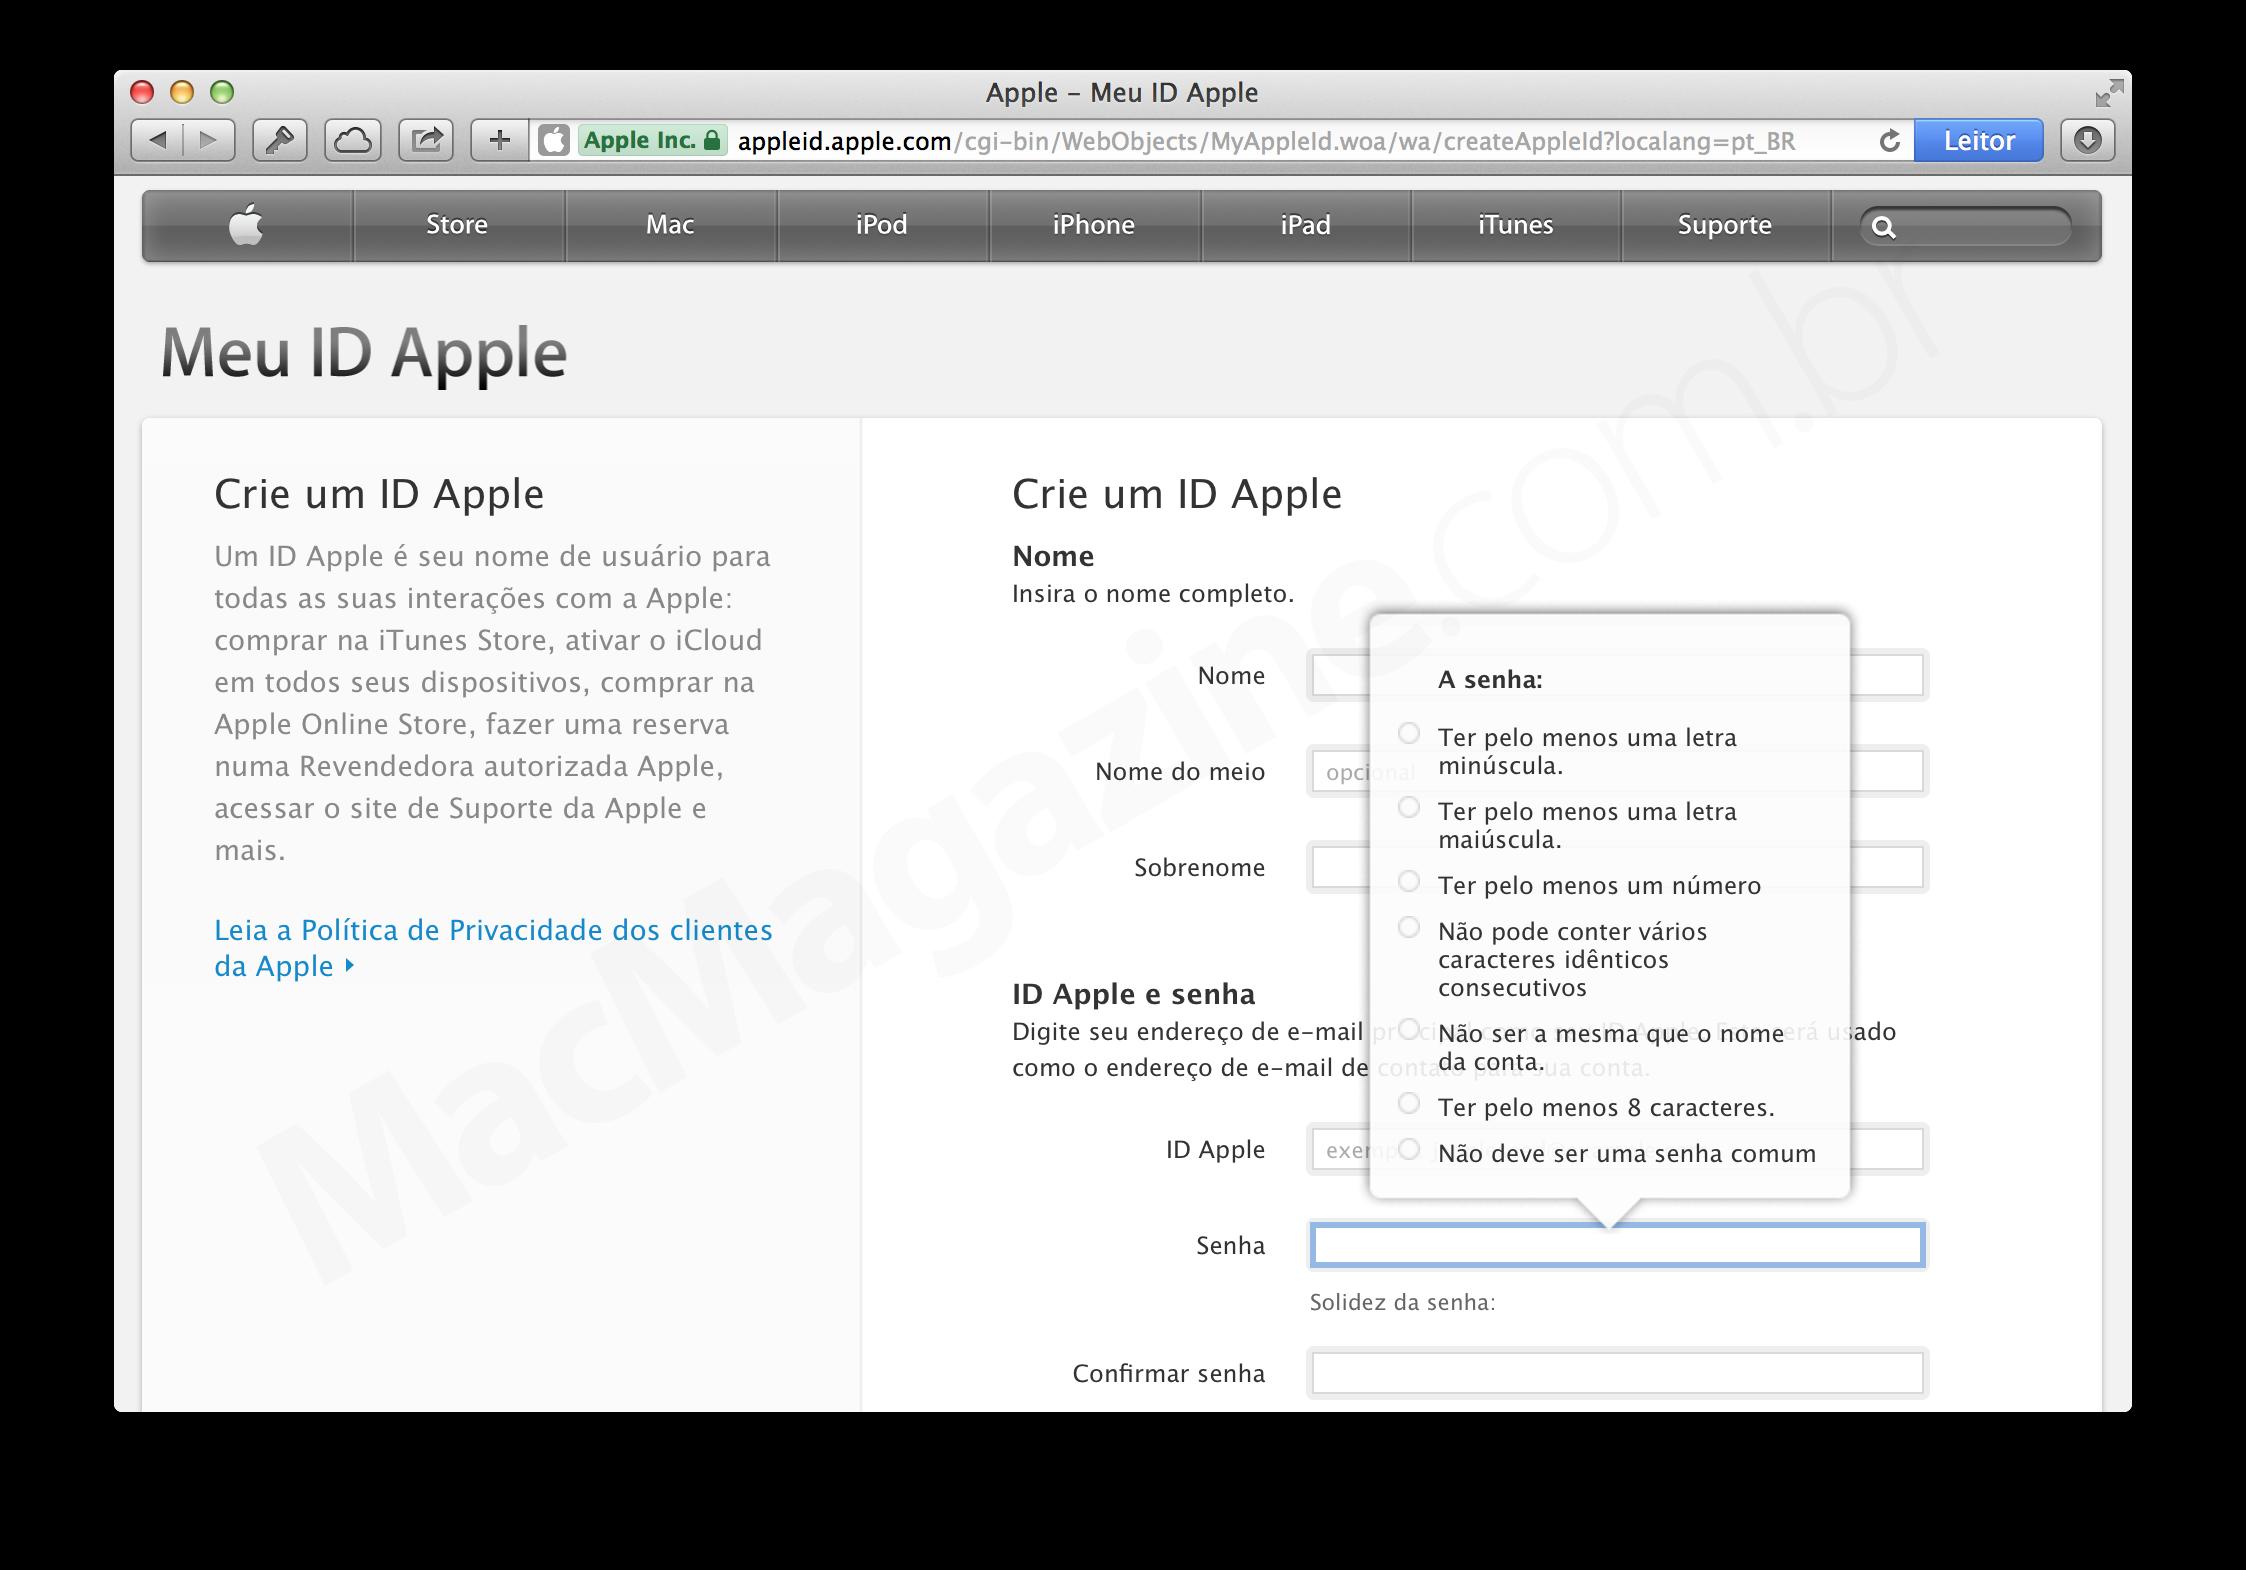 Exigências da Apple para a criação de senhas